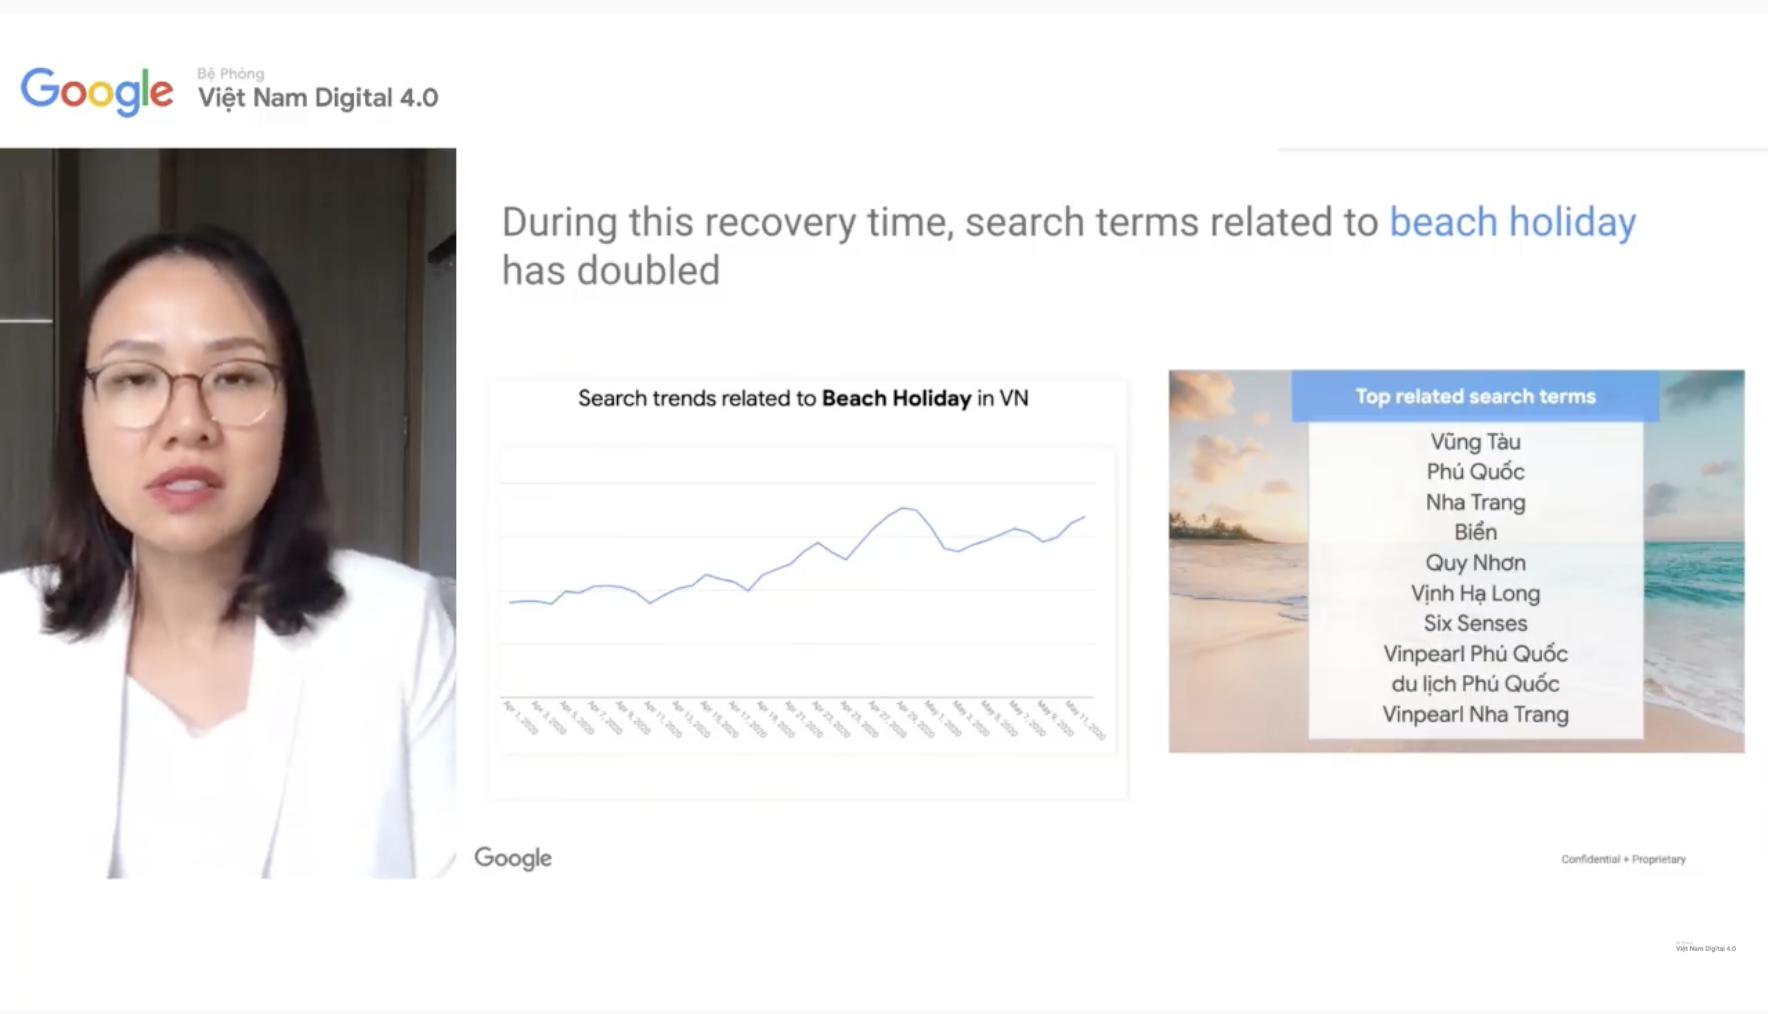 Các từ khoá du lịch biển tại Việt Nam trên Google tăng gấp 2 lần so với trước đại dịch: Top 10 tìm kiếm không thấy Đà Nẵng - Ảnh 3.